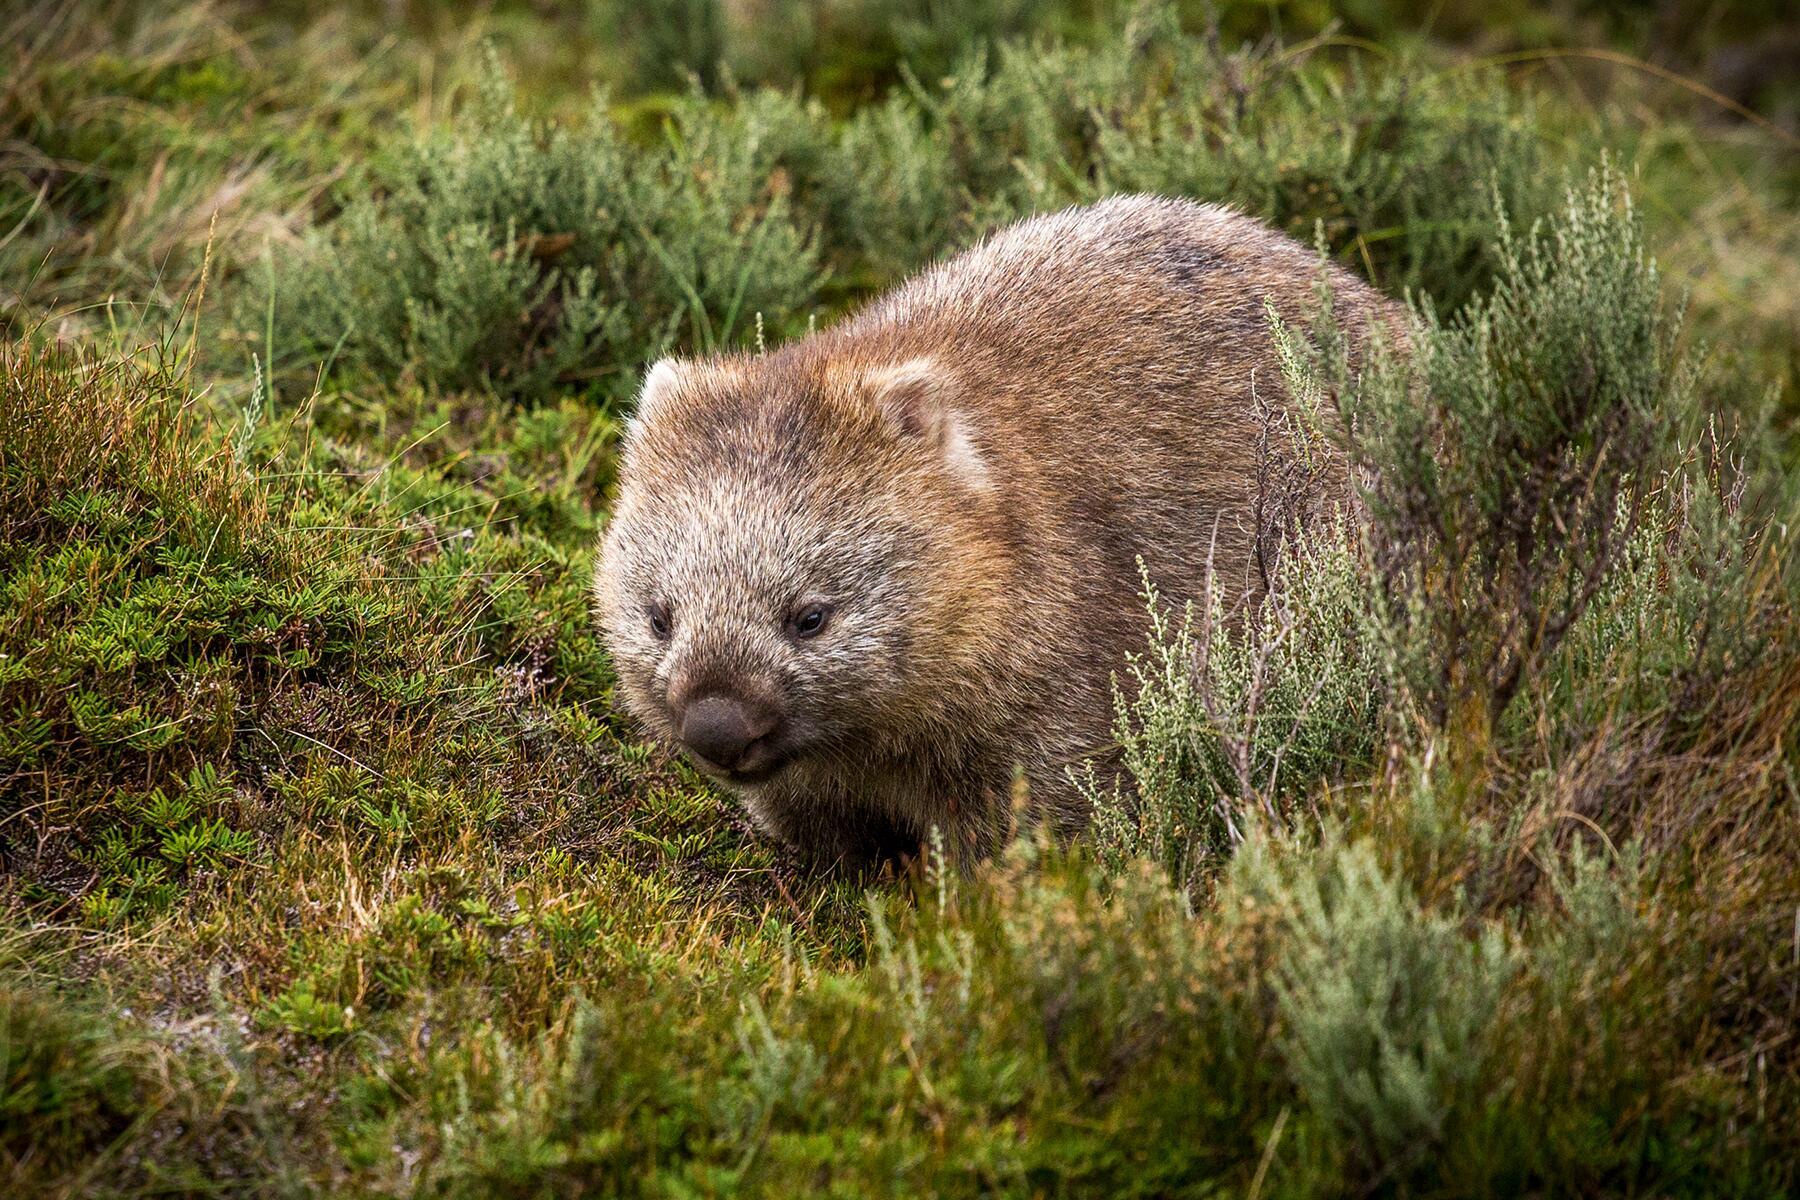 05_AustraliasCutestCubs__Wombat_shutterstock_619062299